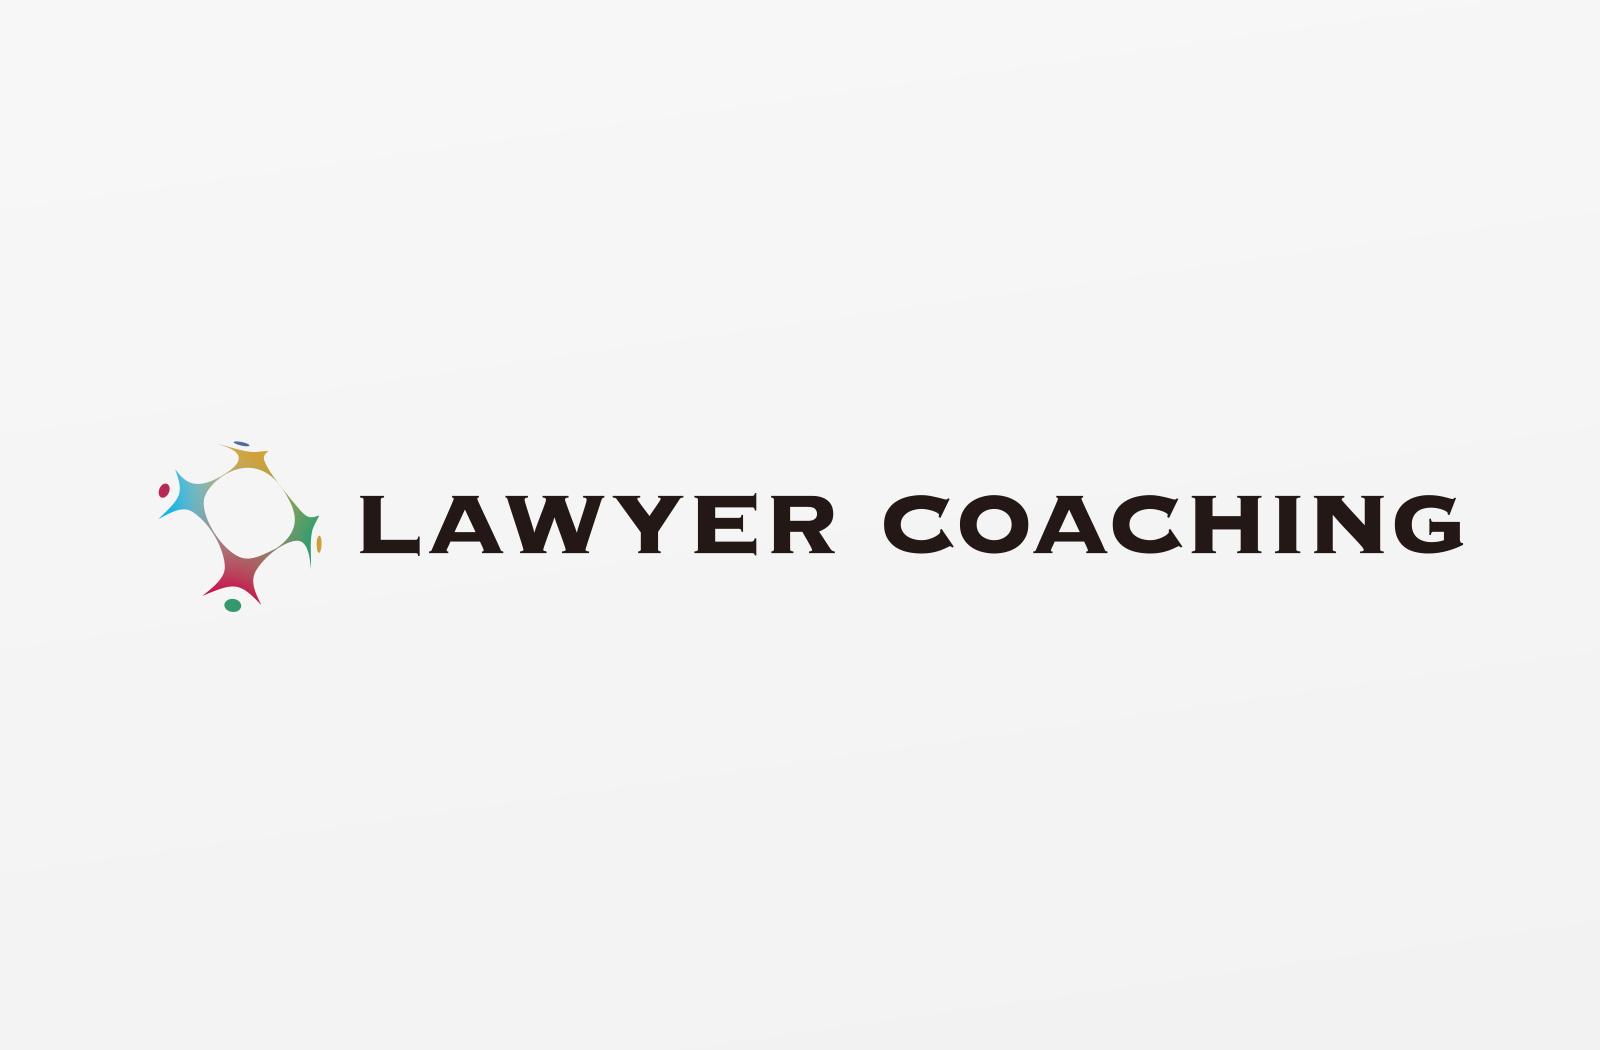 ロイヤーコーチング lawyer coaching ロゴ